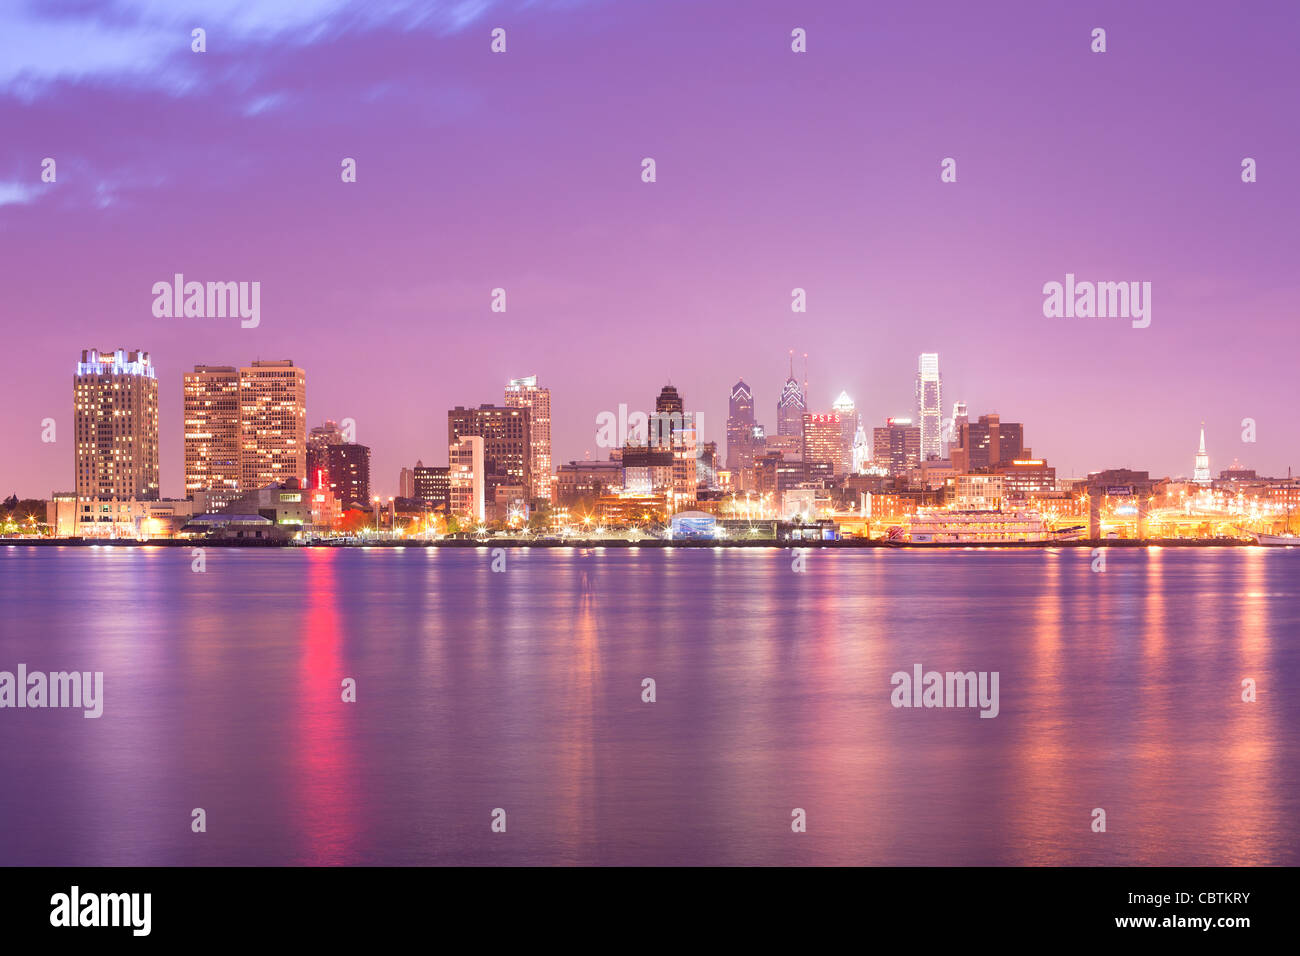 Toits de centre-ville de Philadelphie, Pennsylvanie, USA Photo Stock